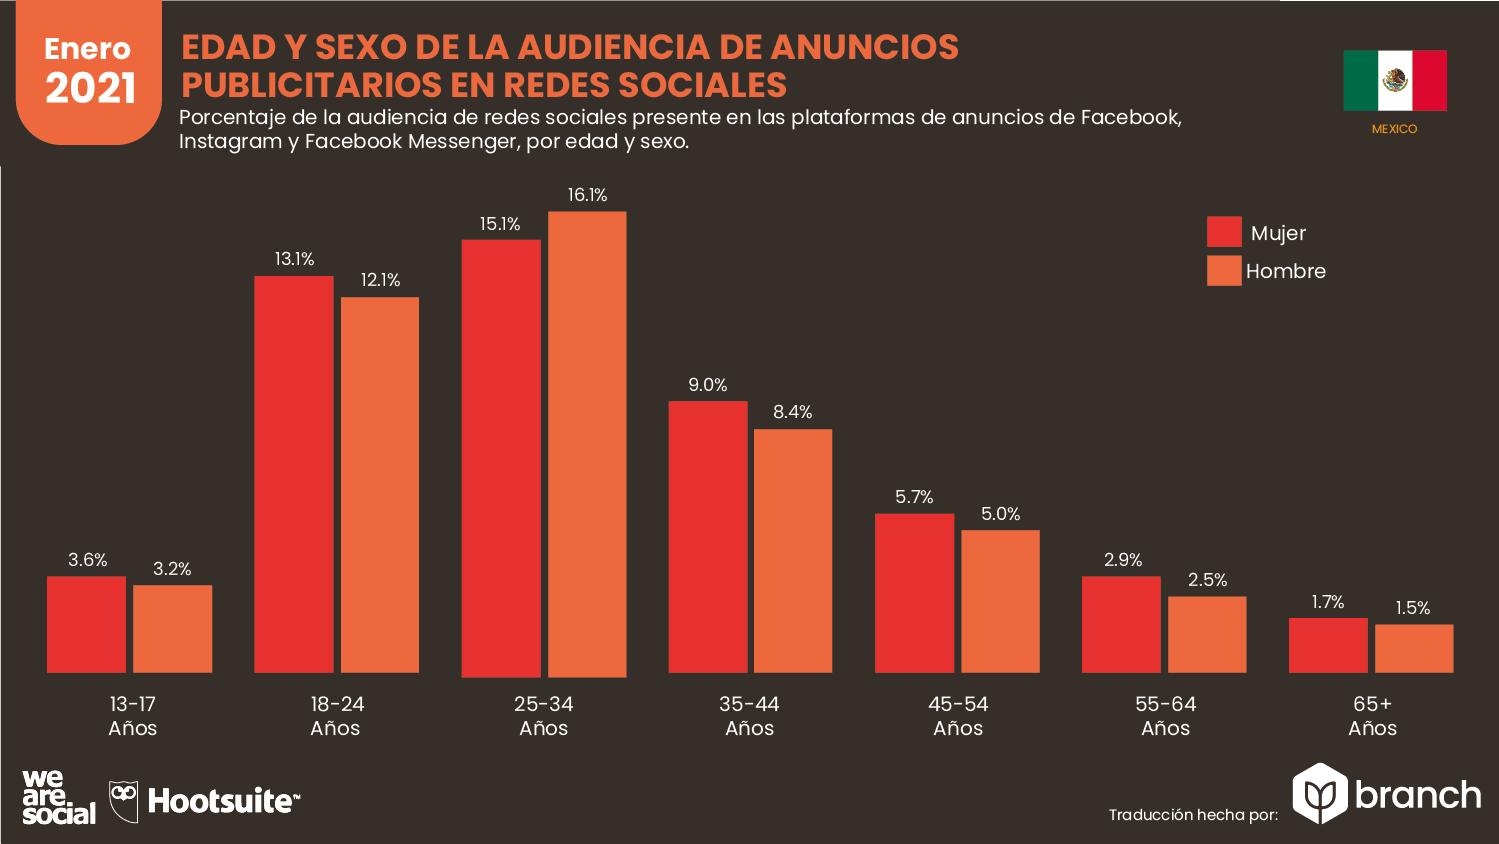 edad-y-sexo-de-la-audiencia-de-anuncios-publicitarios-mexicano-2020-2021